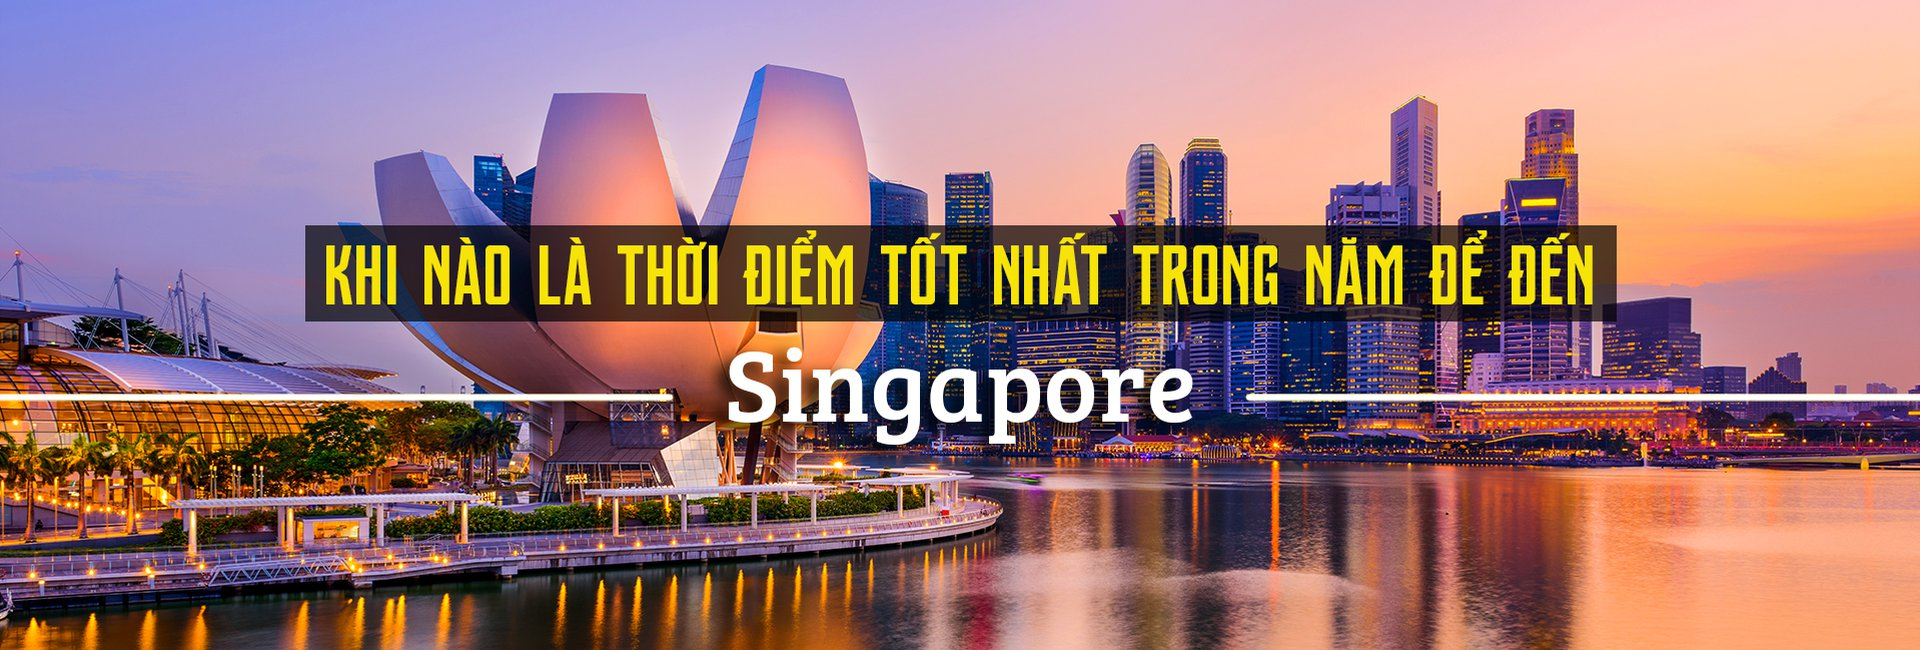 Nên đi du lịch Singapore vào thời điểm nào trong năm?